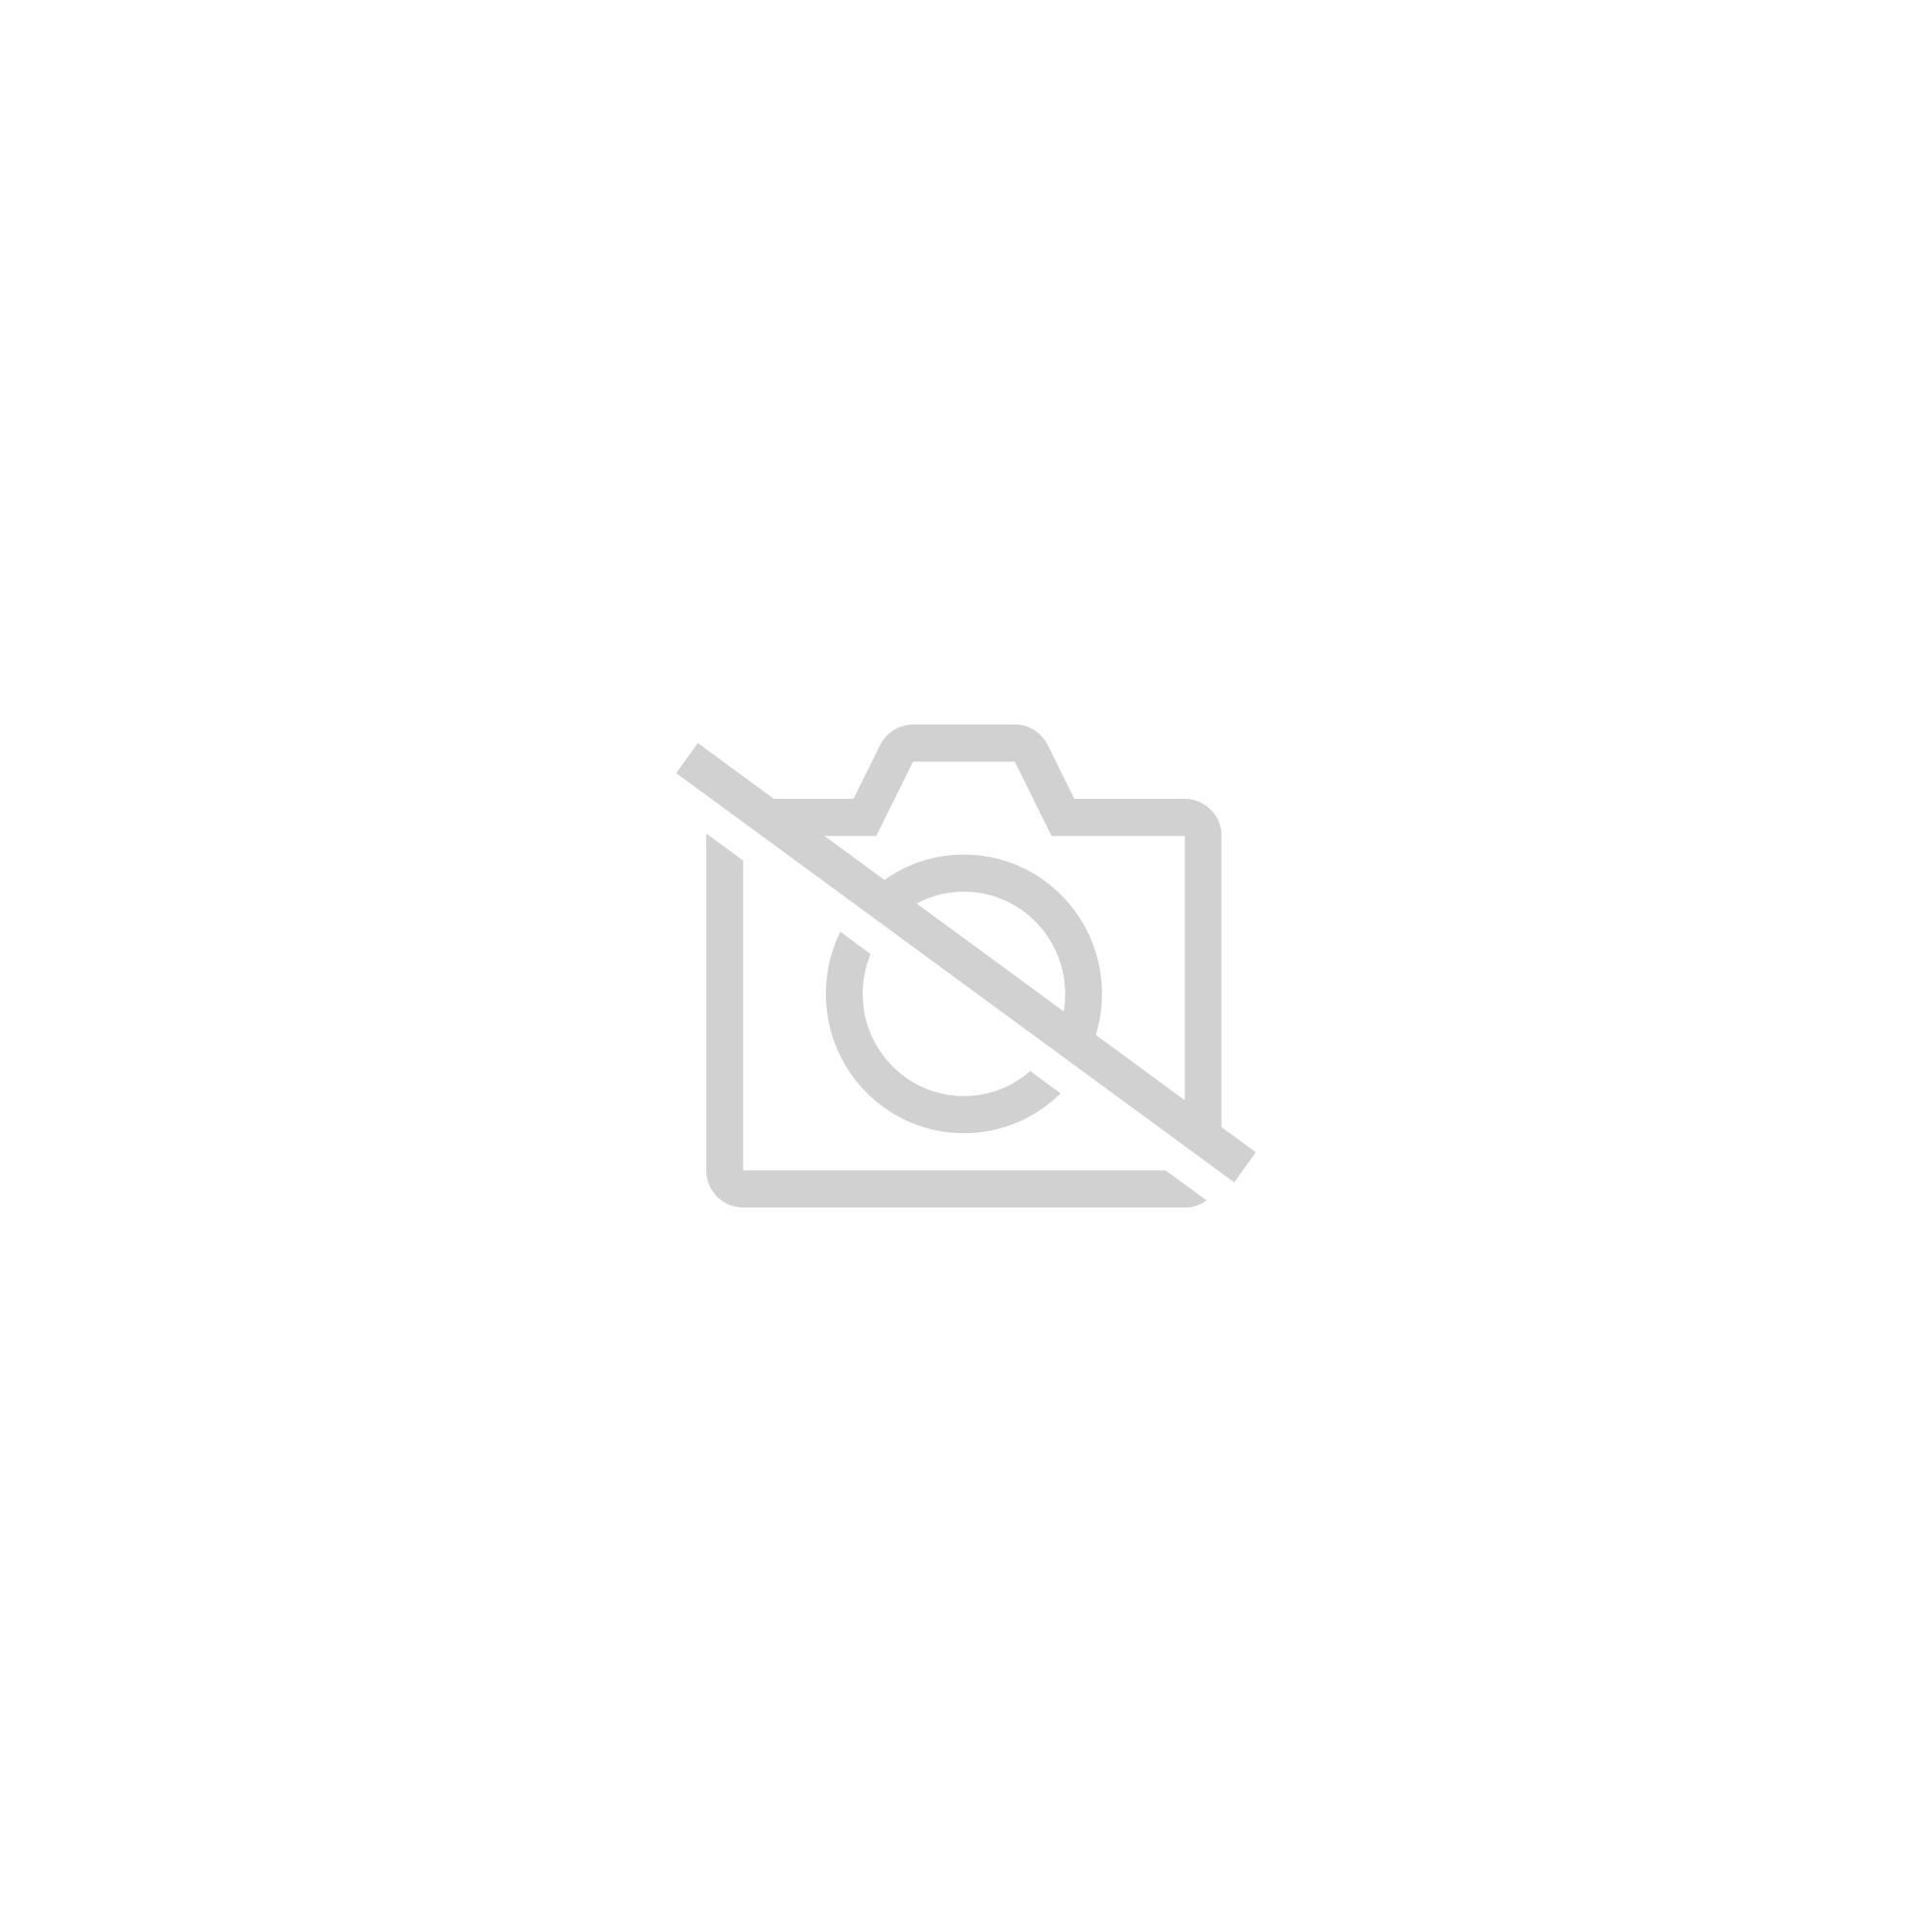 Shop Import Paire de Clignotant T4 Transporteur Fume